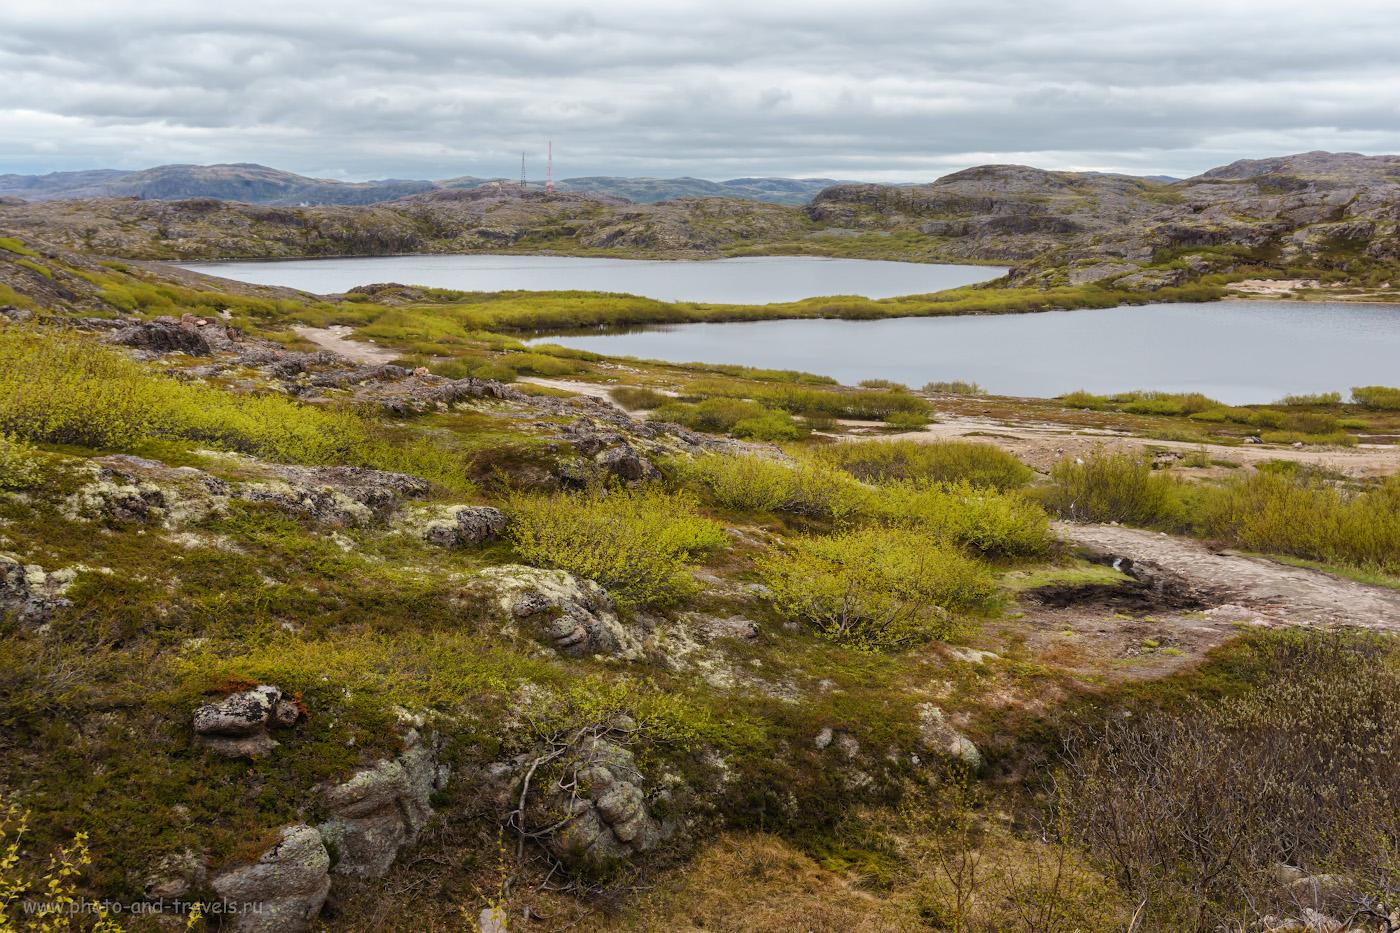 Фотография 39. Вид на озера Песчаное и Секретарское со стороны Териберского водопада.